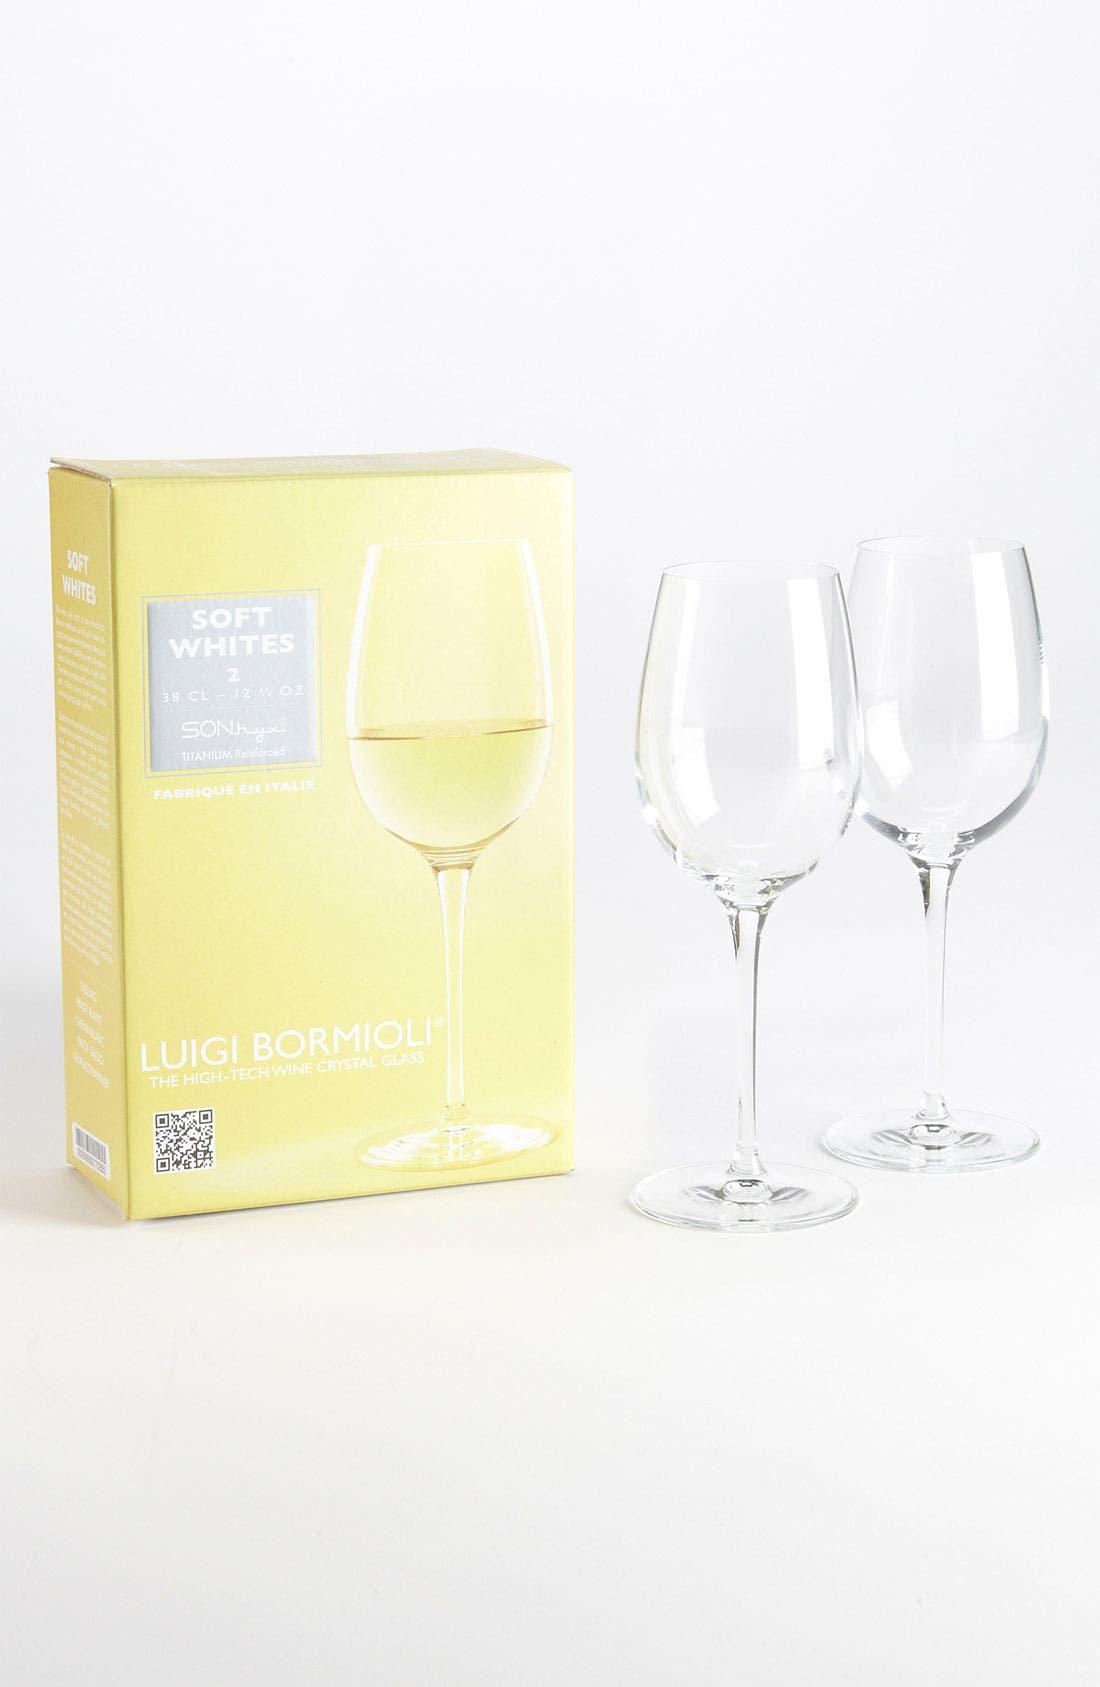 Main Image - Luigi Bormioli 'Wine Profiles Soft Whites' Wine Glasses (Set of 2)